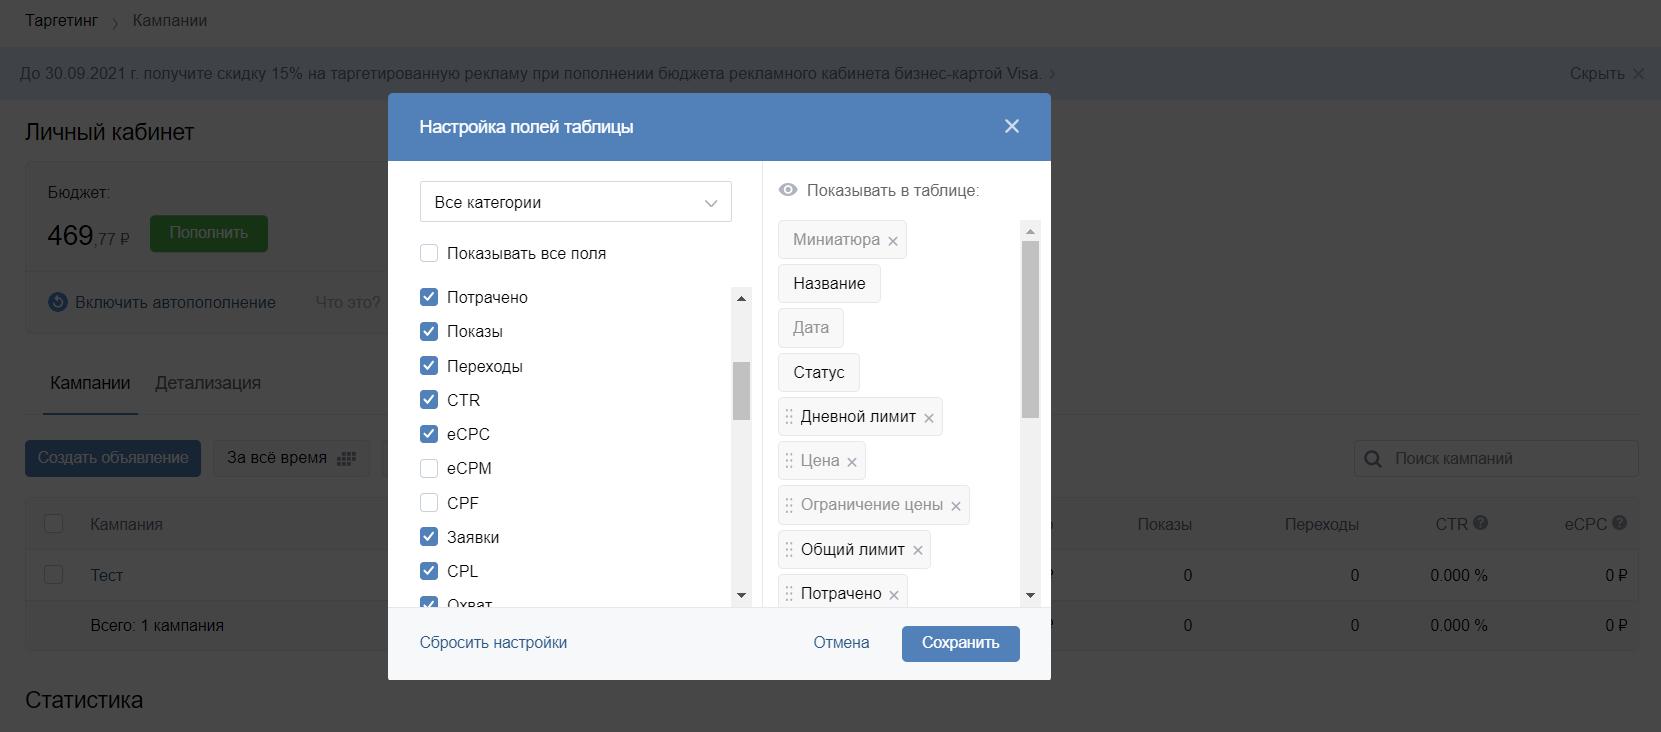 Показатели таргетированной рекламы, которые можно выгрузить из рекламного кабинета ВКонтакте